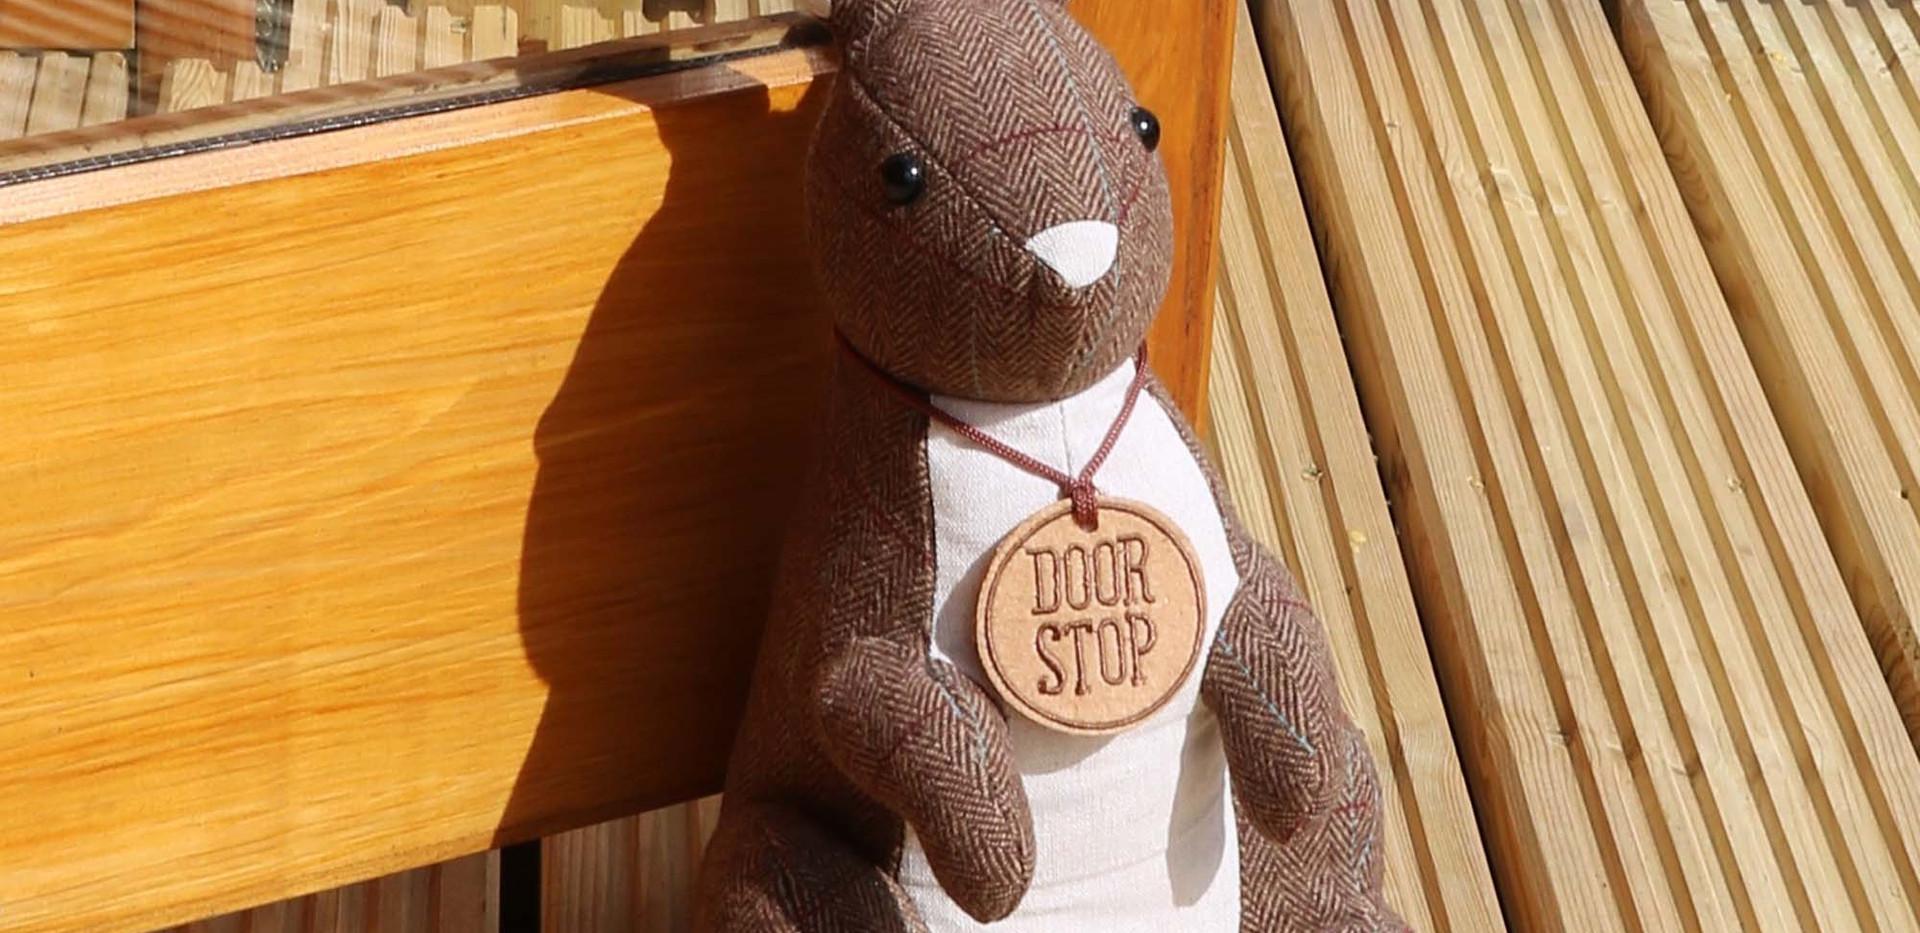 Pod Door Stop NY.jpg